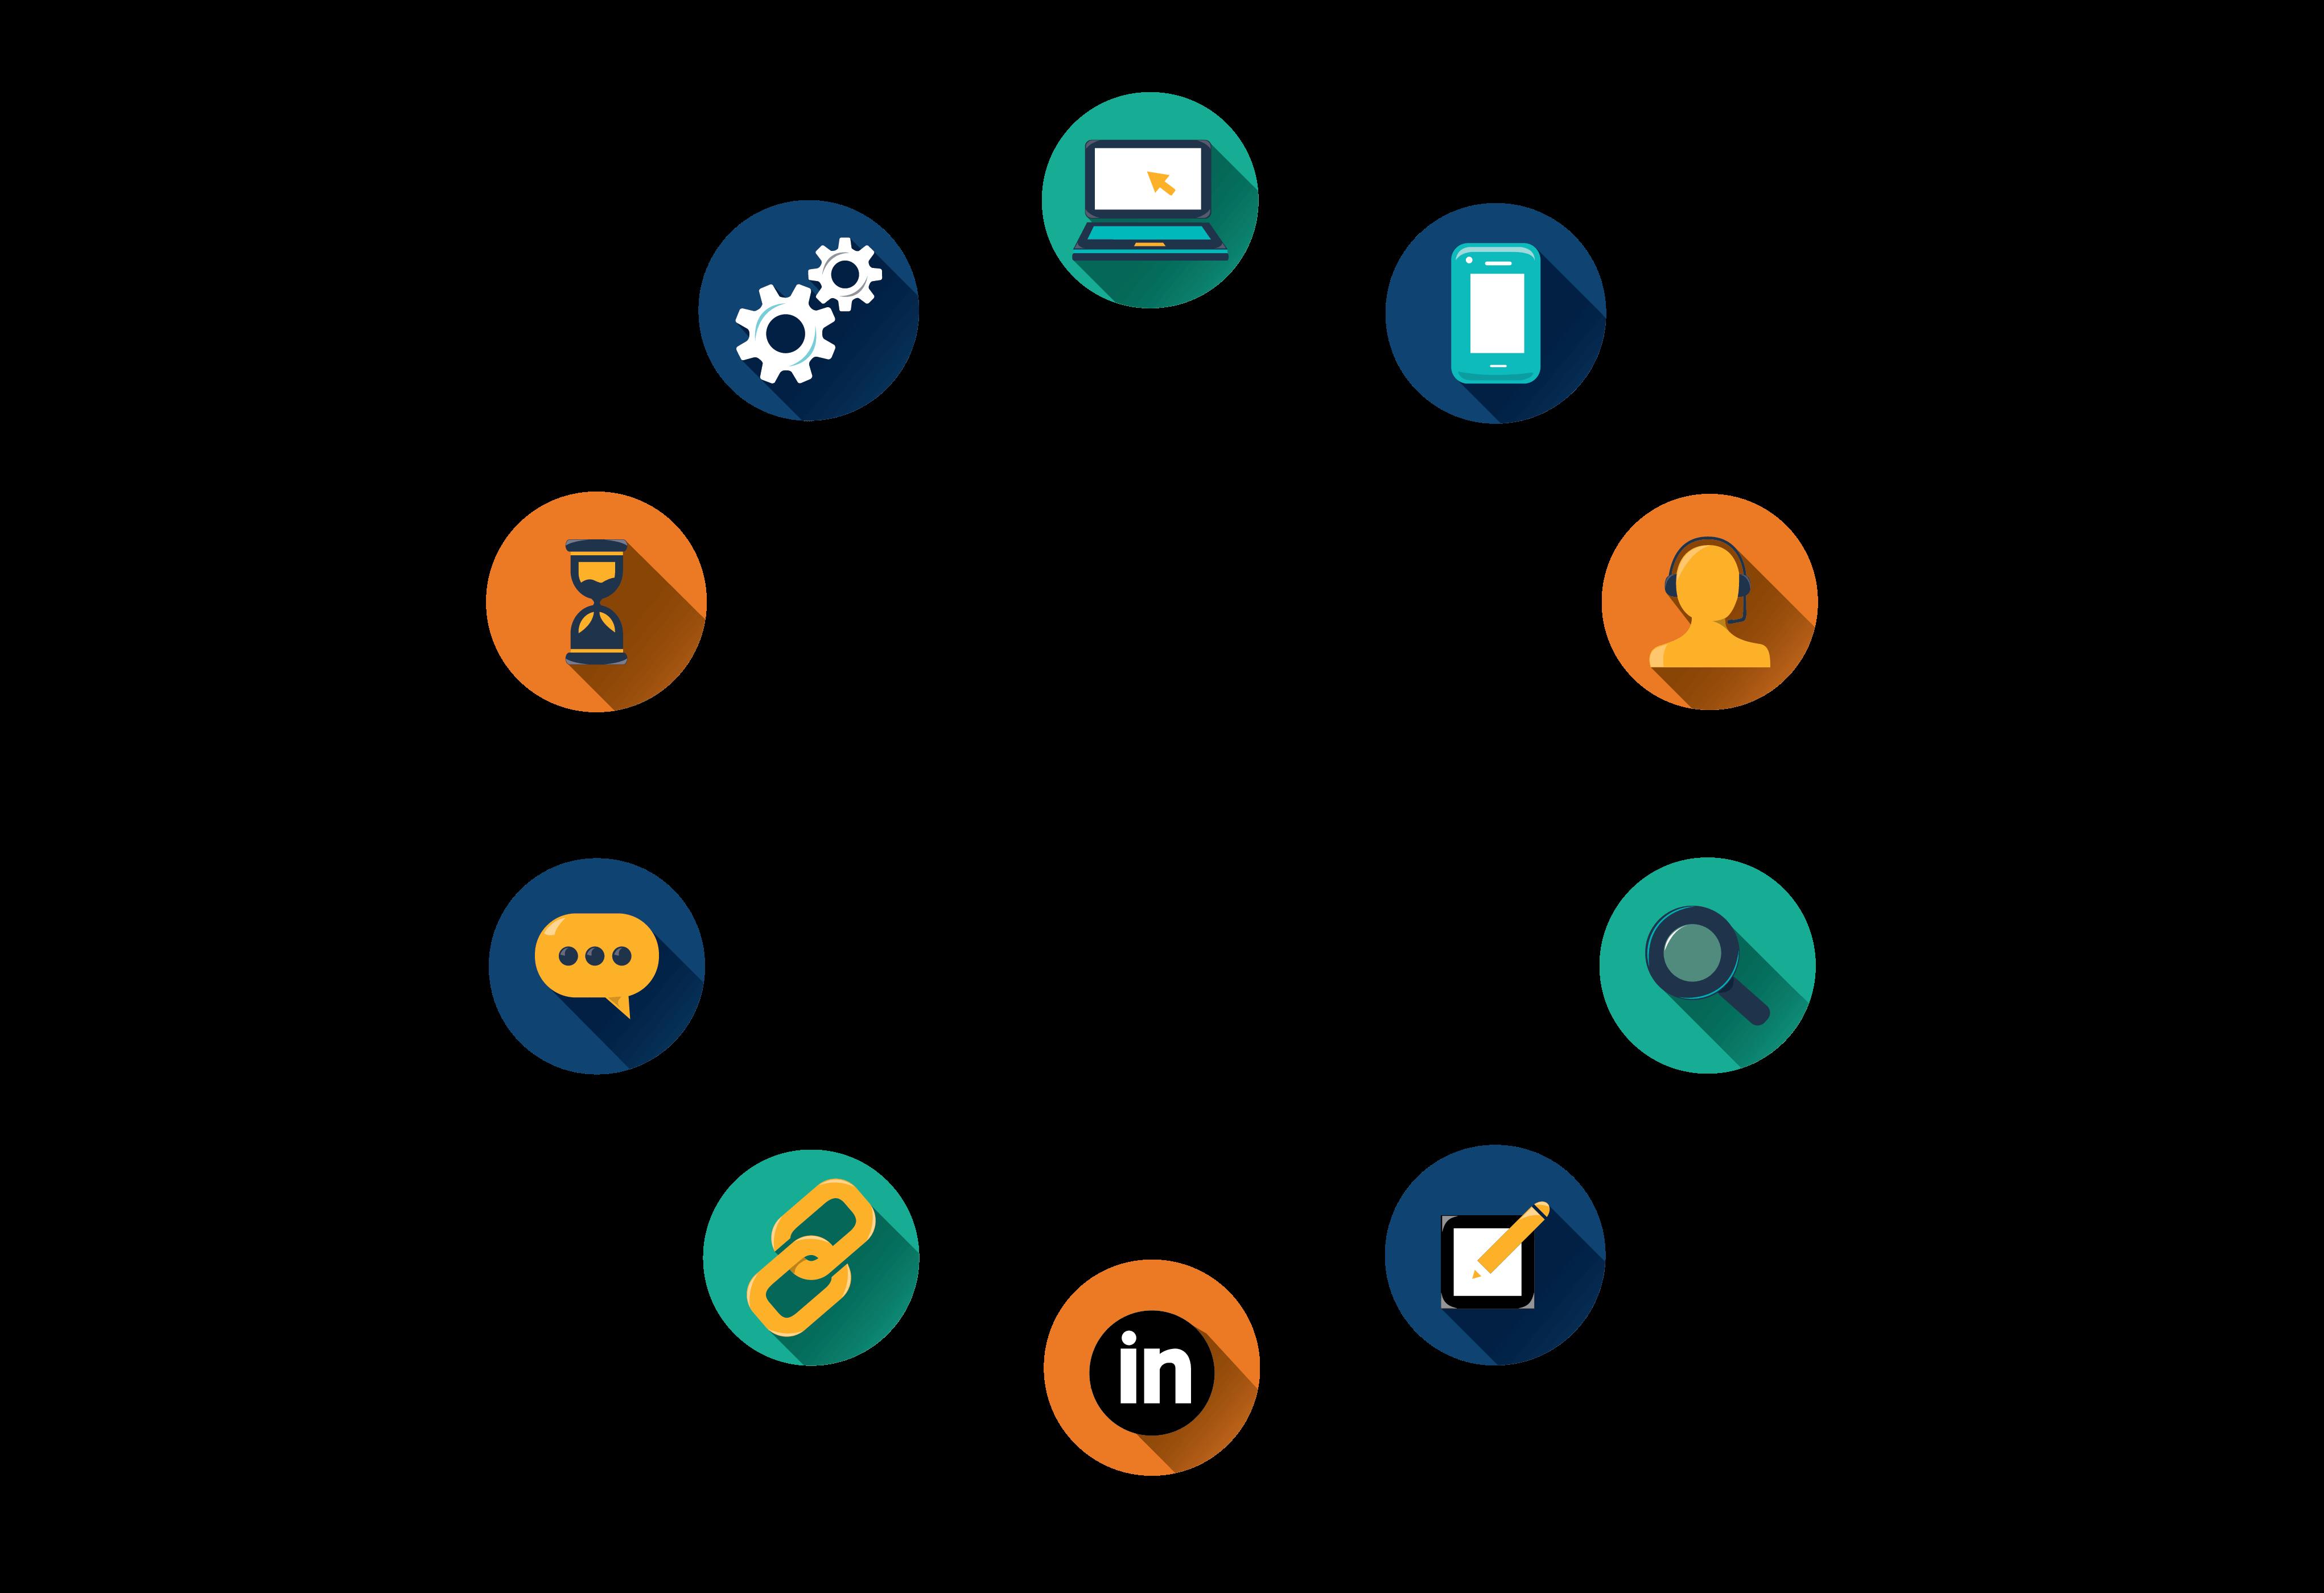 Vill du utveckla din digitala marknadsföring och närvaro?